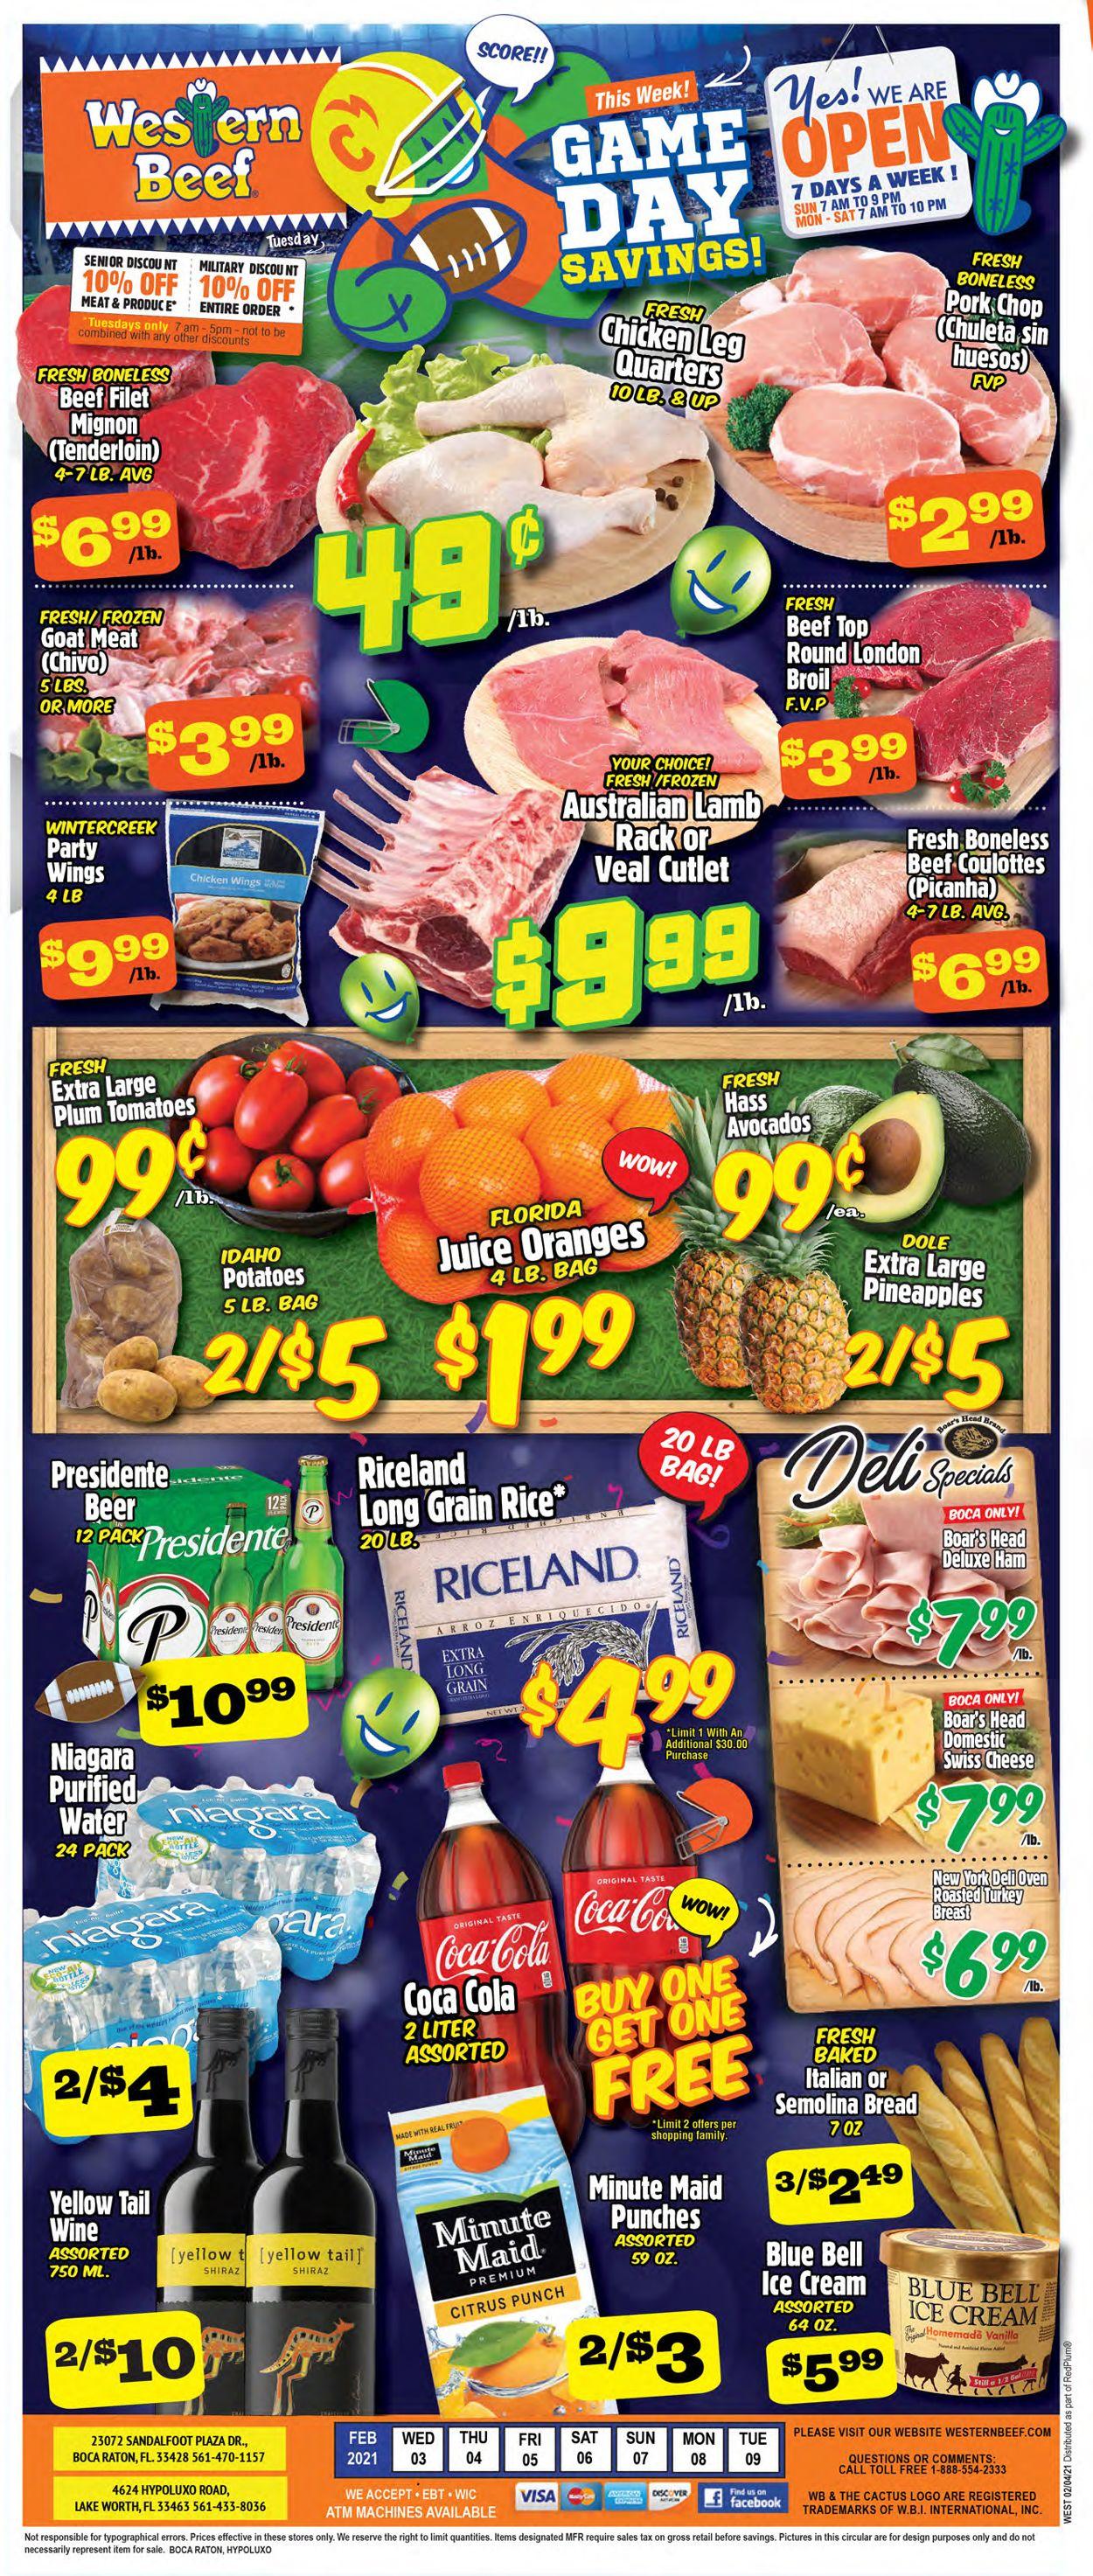 Western Beef Weekly Ad Circular - valid 02/03-02/09/2021